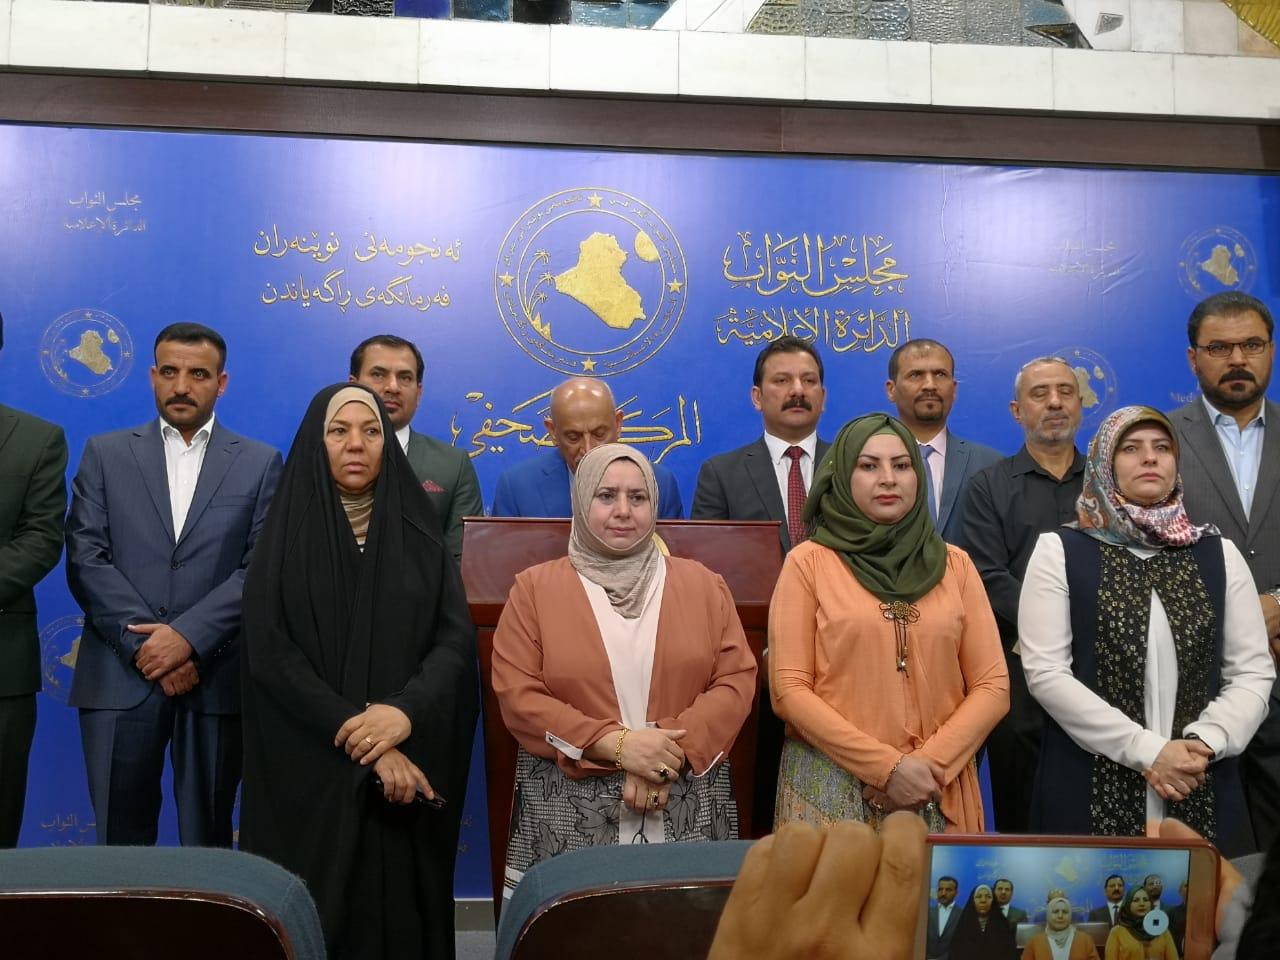 بعد استهداف ناقلتي النفط في بحر عمان .. البرلمان العراقي يوجه طلبا عاجلا لوزارتين